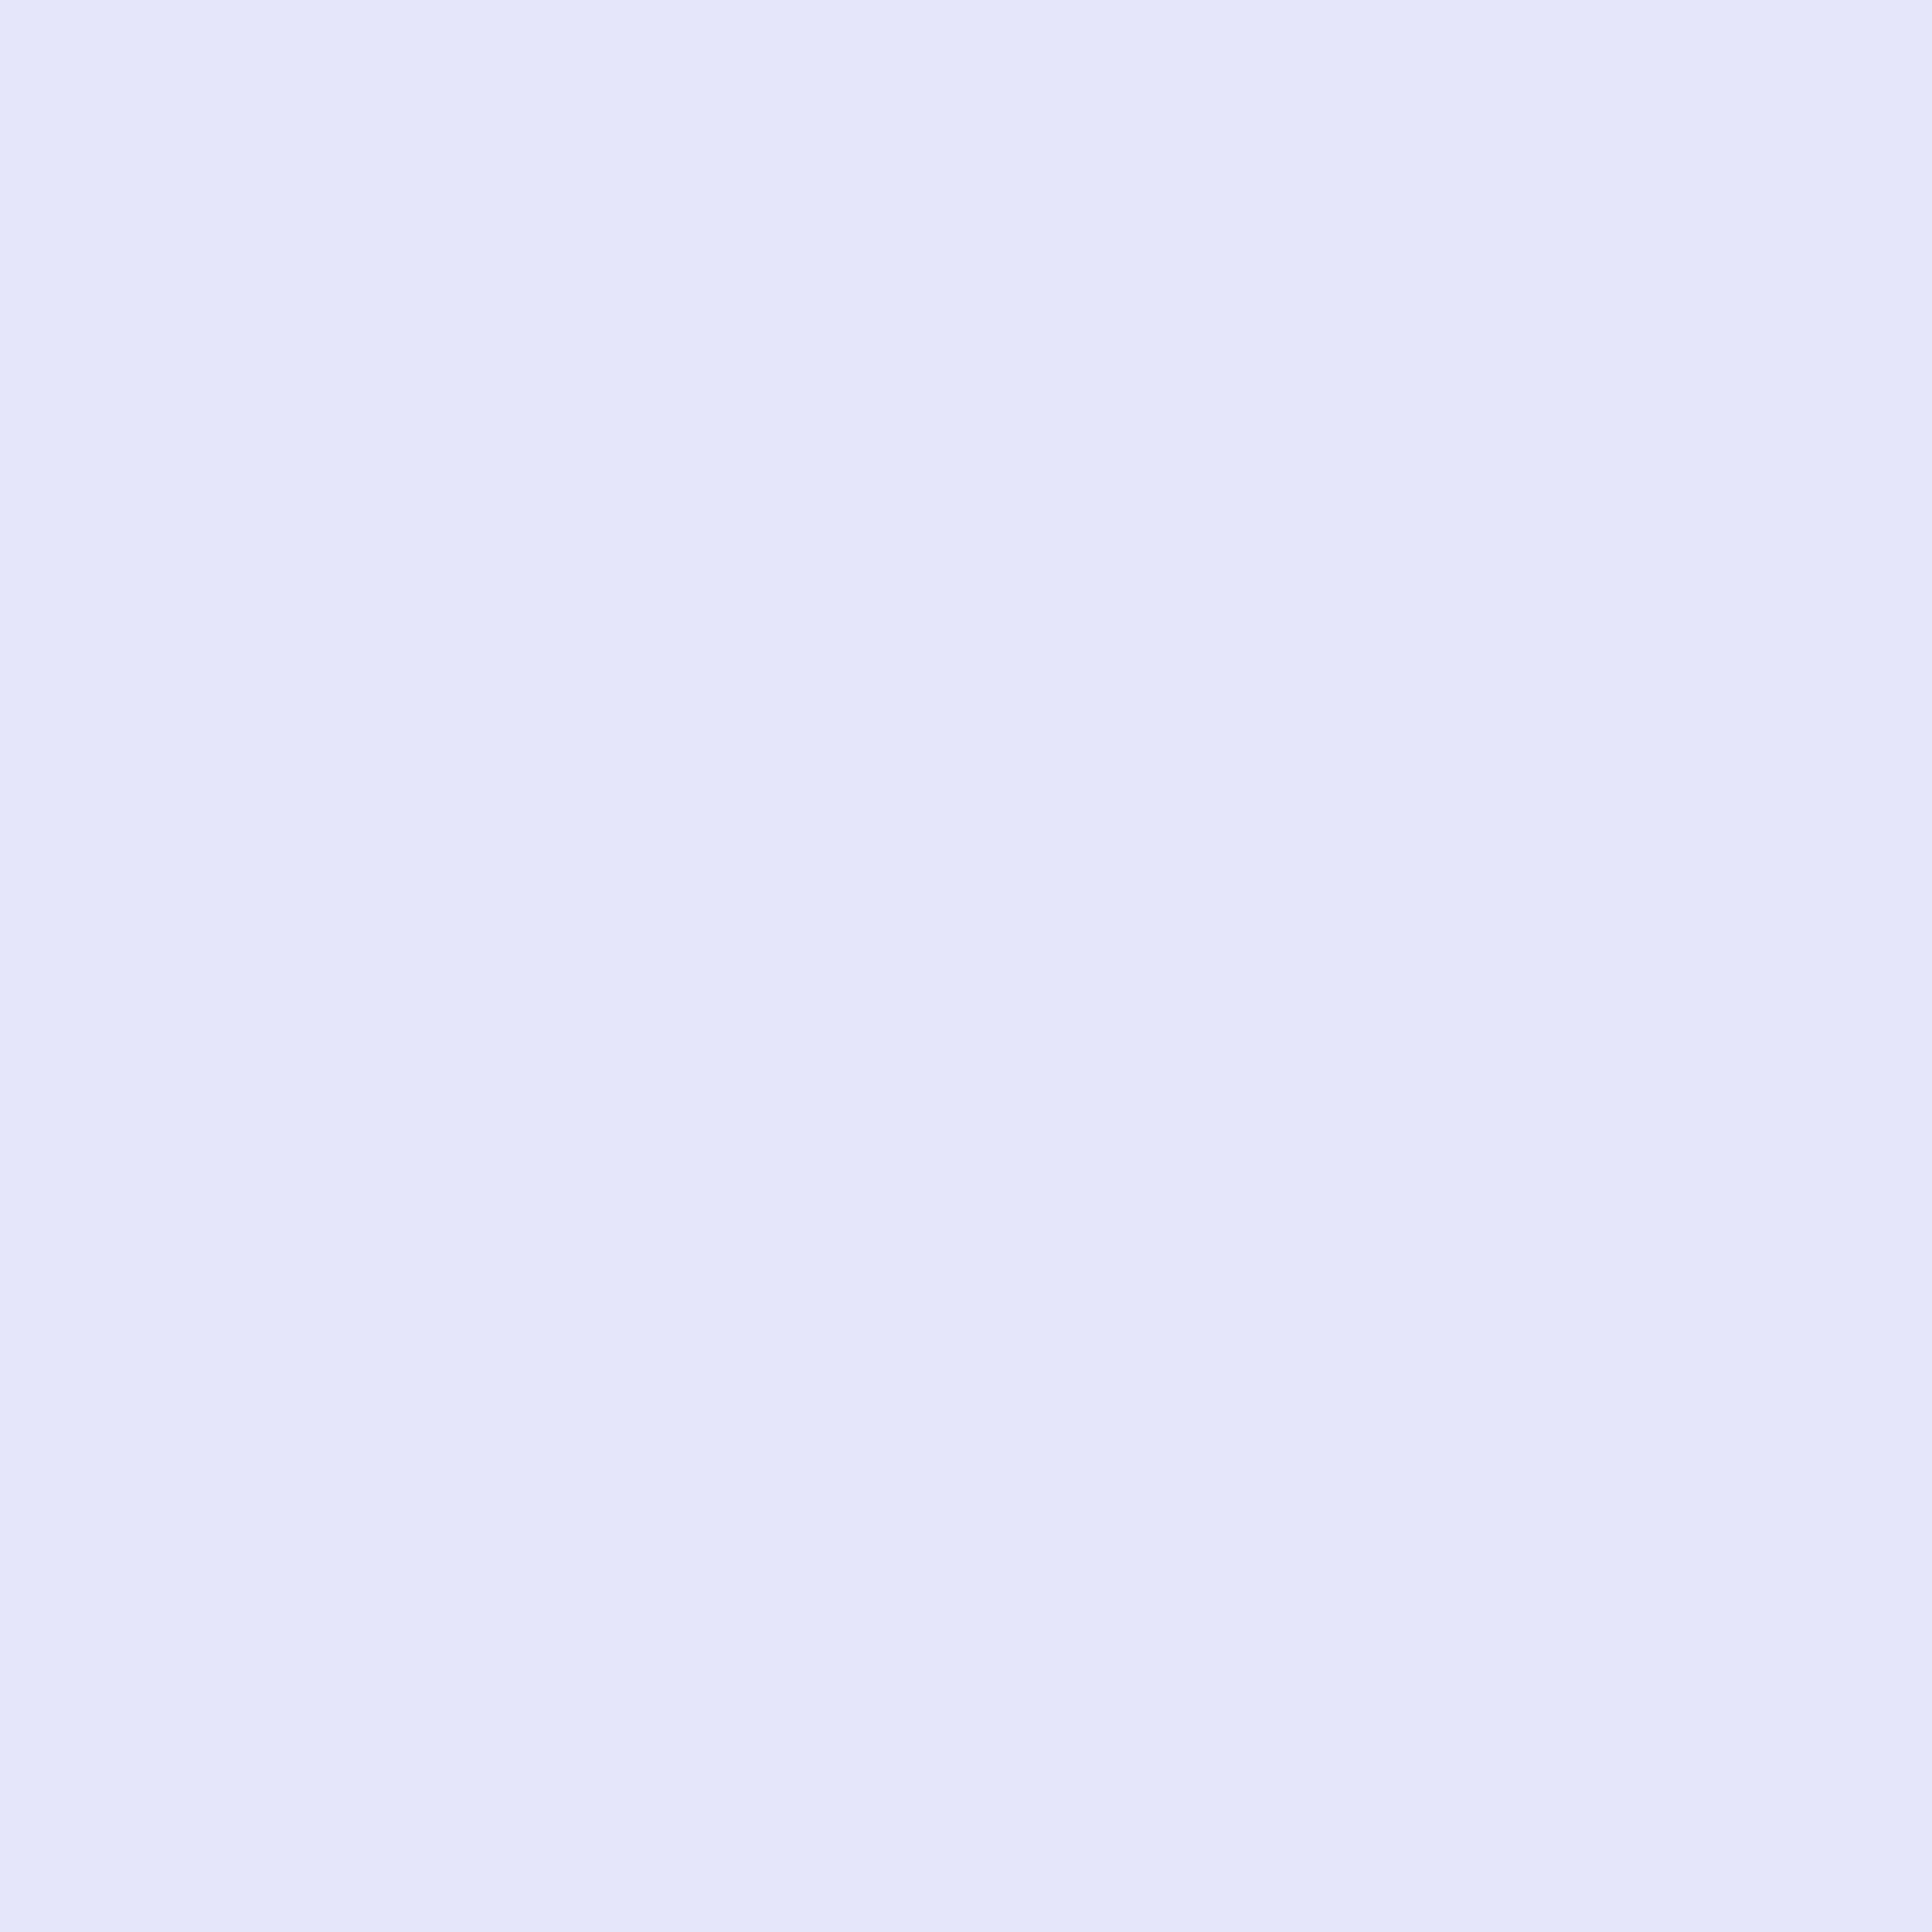 2732x2732 Lavender Mist Solid Color Background